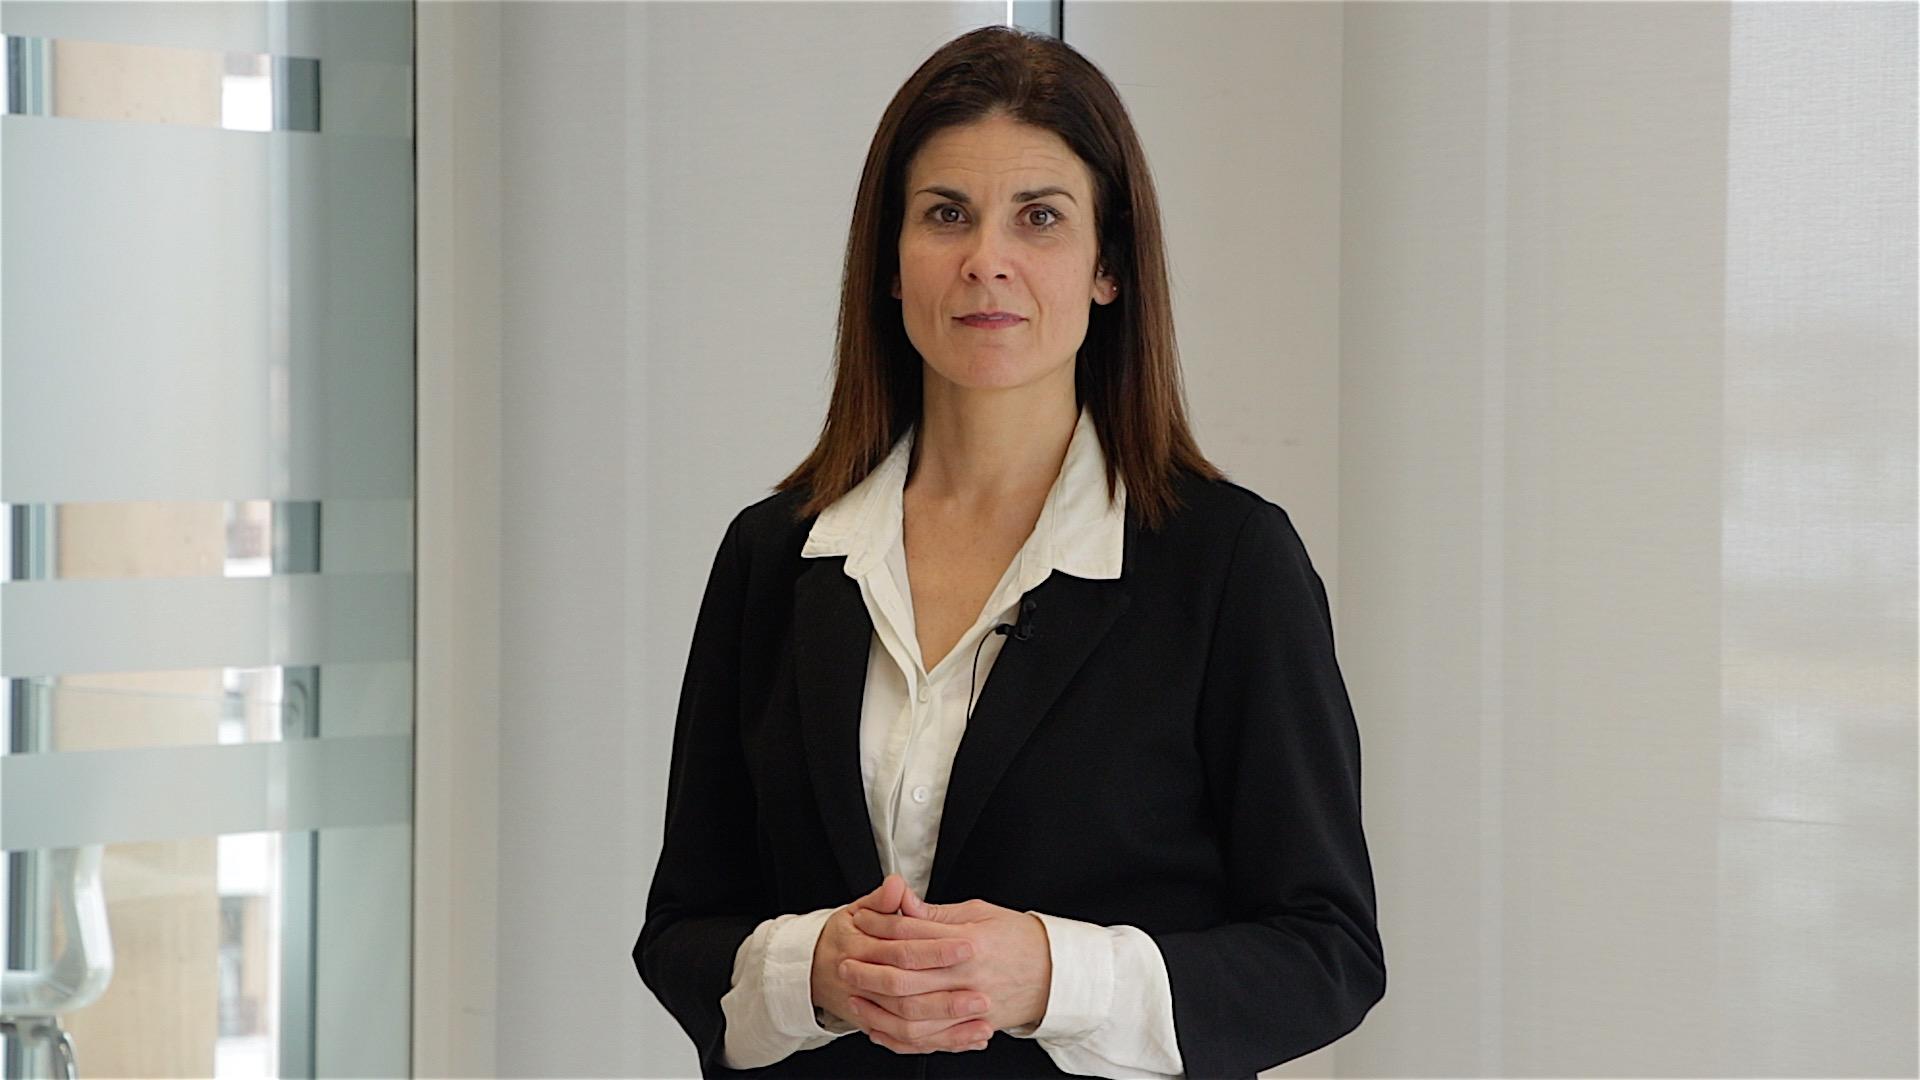 Èlia Urgell, novedades en la Campaña de la Renta 2019